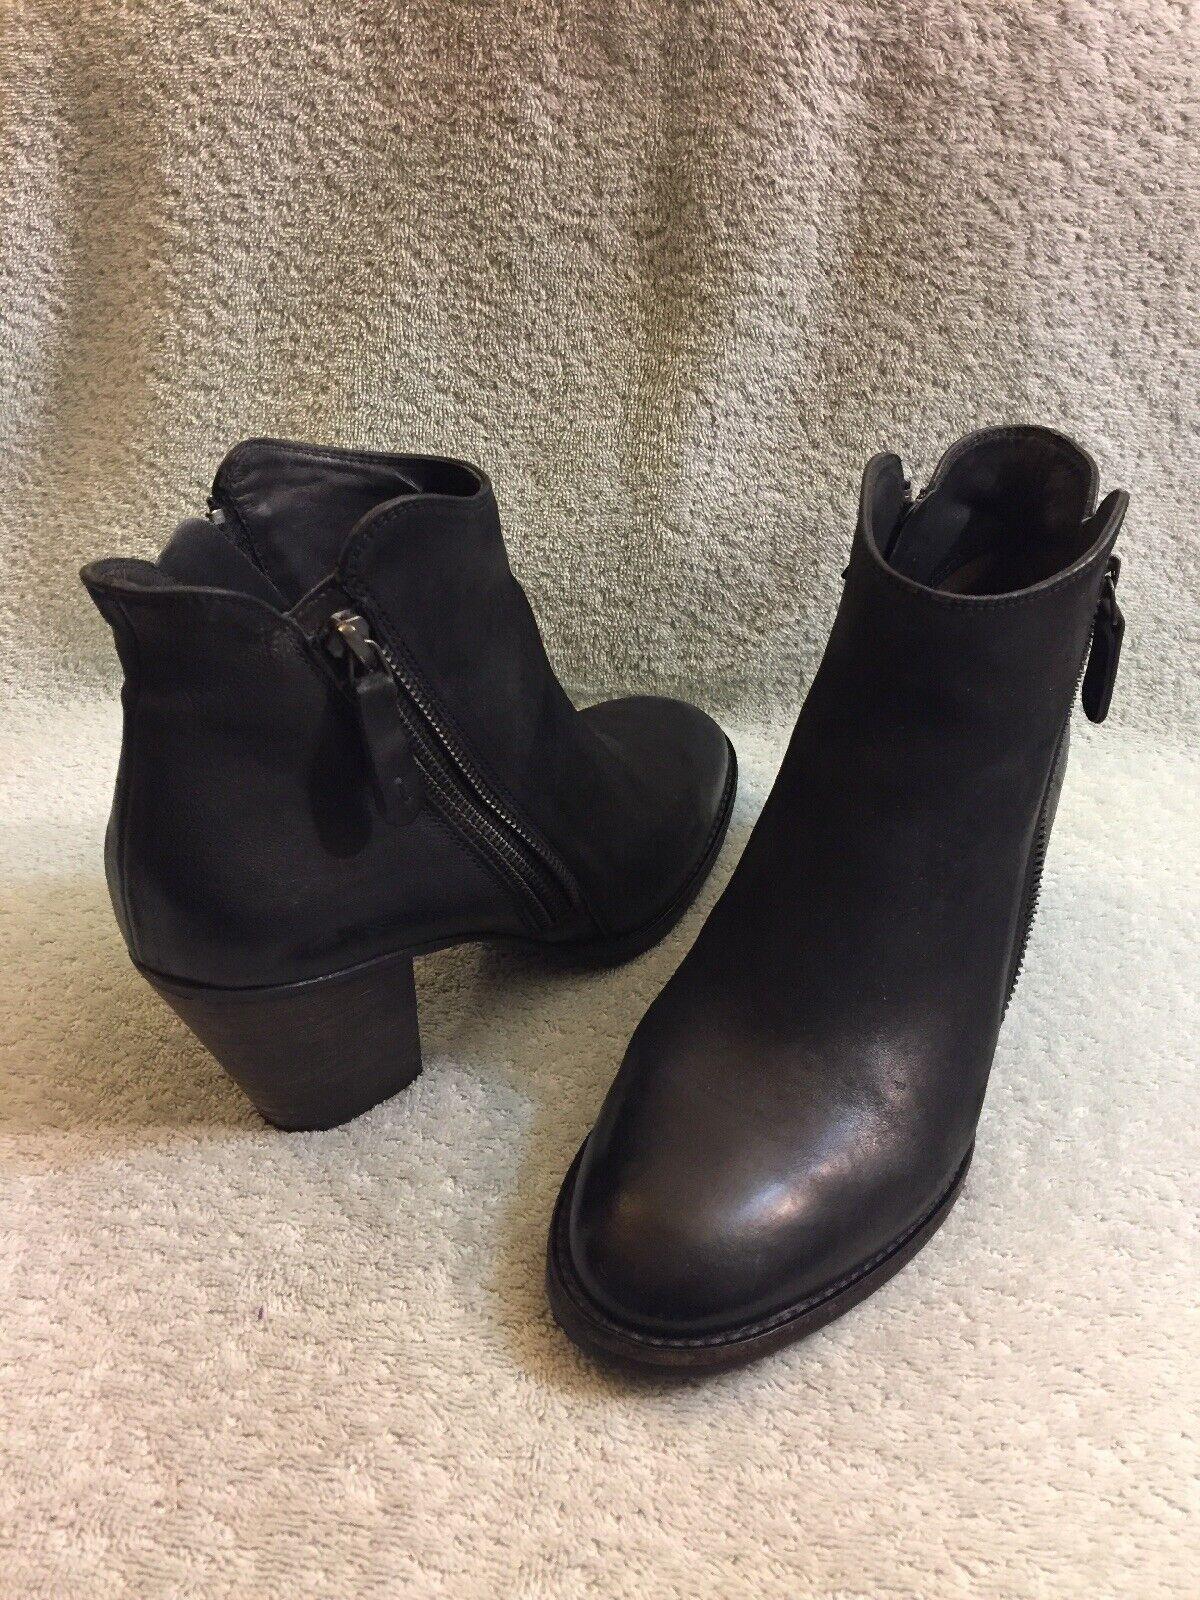 Paul verde Munchen botas al Tobillo de Cuero Negro Cremallera Doble Cremallera Mujer nos 8